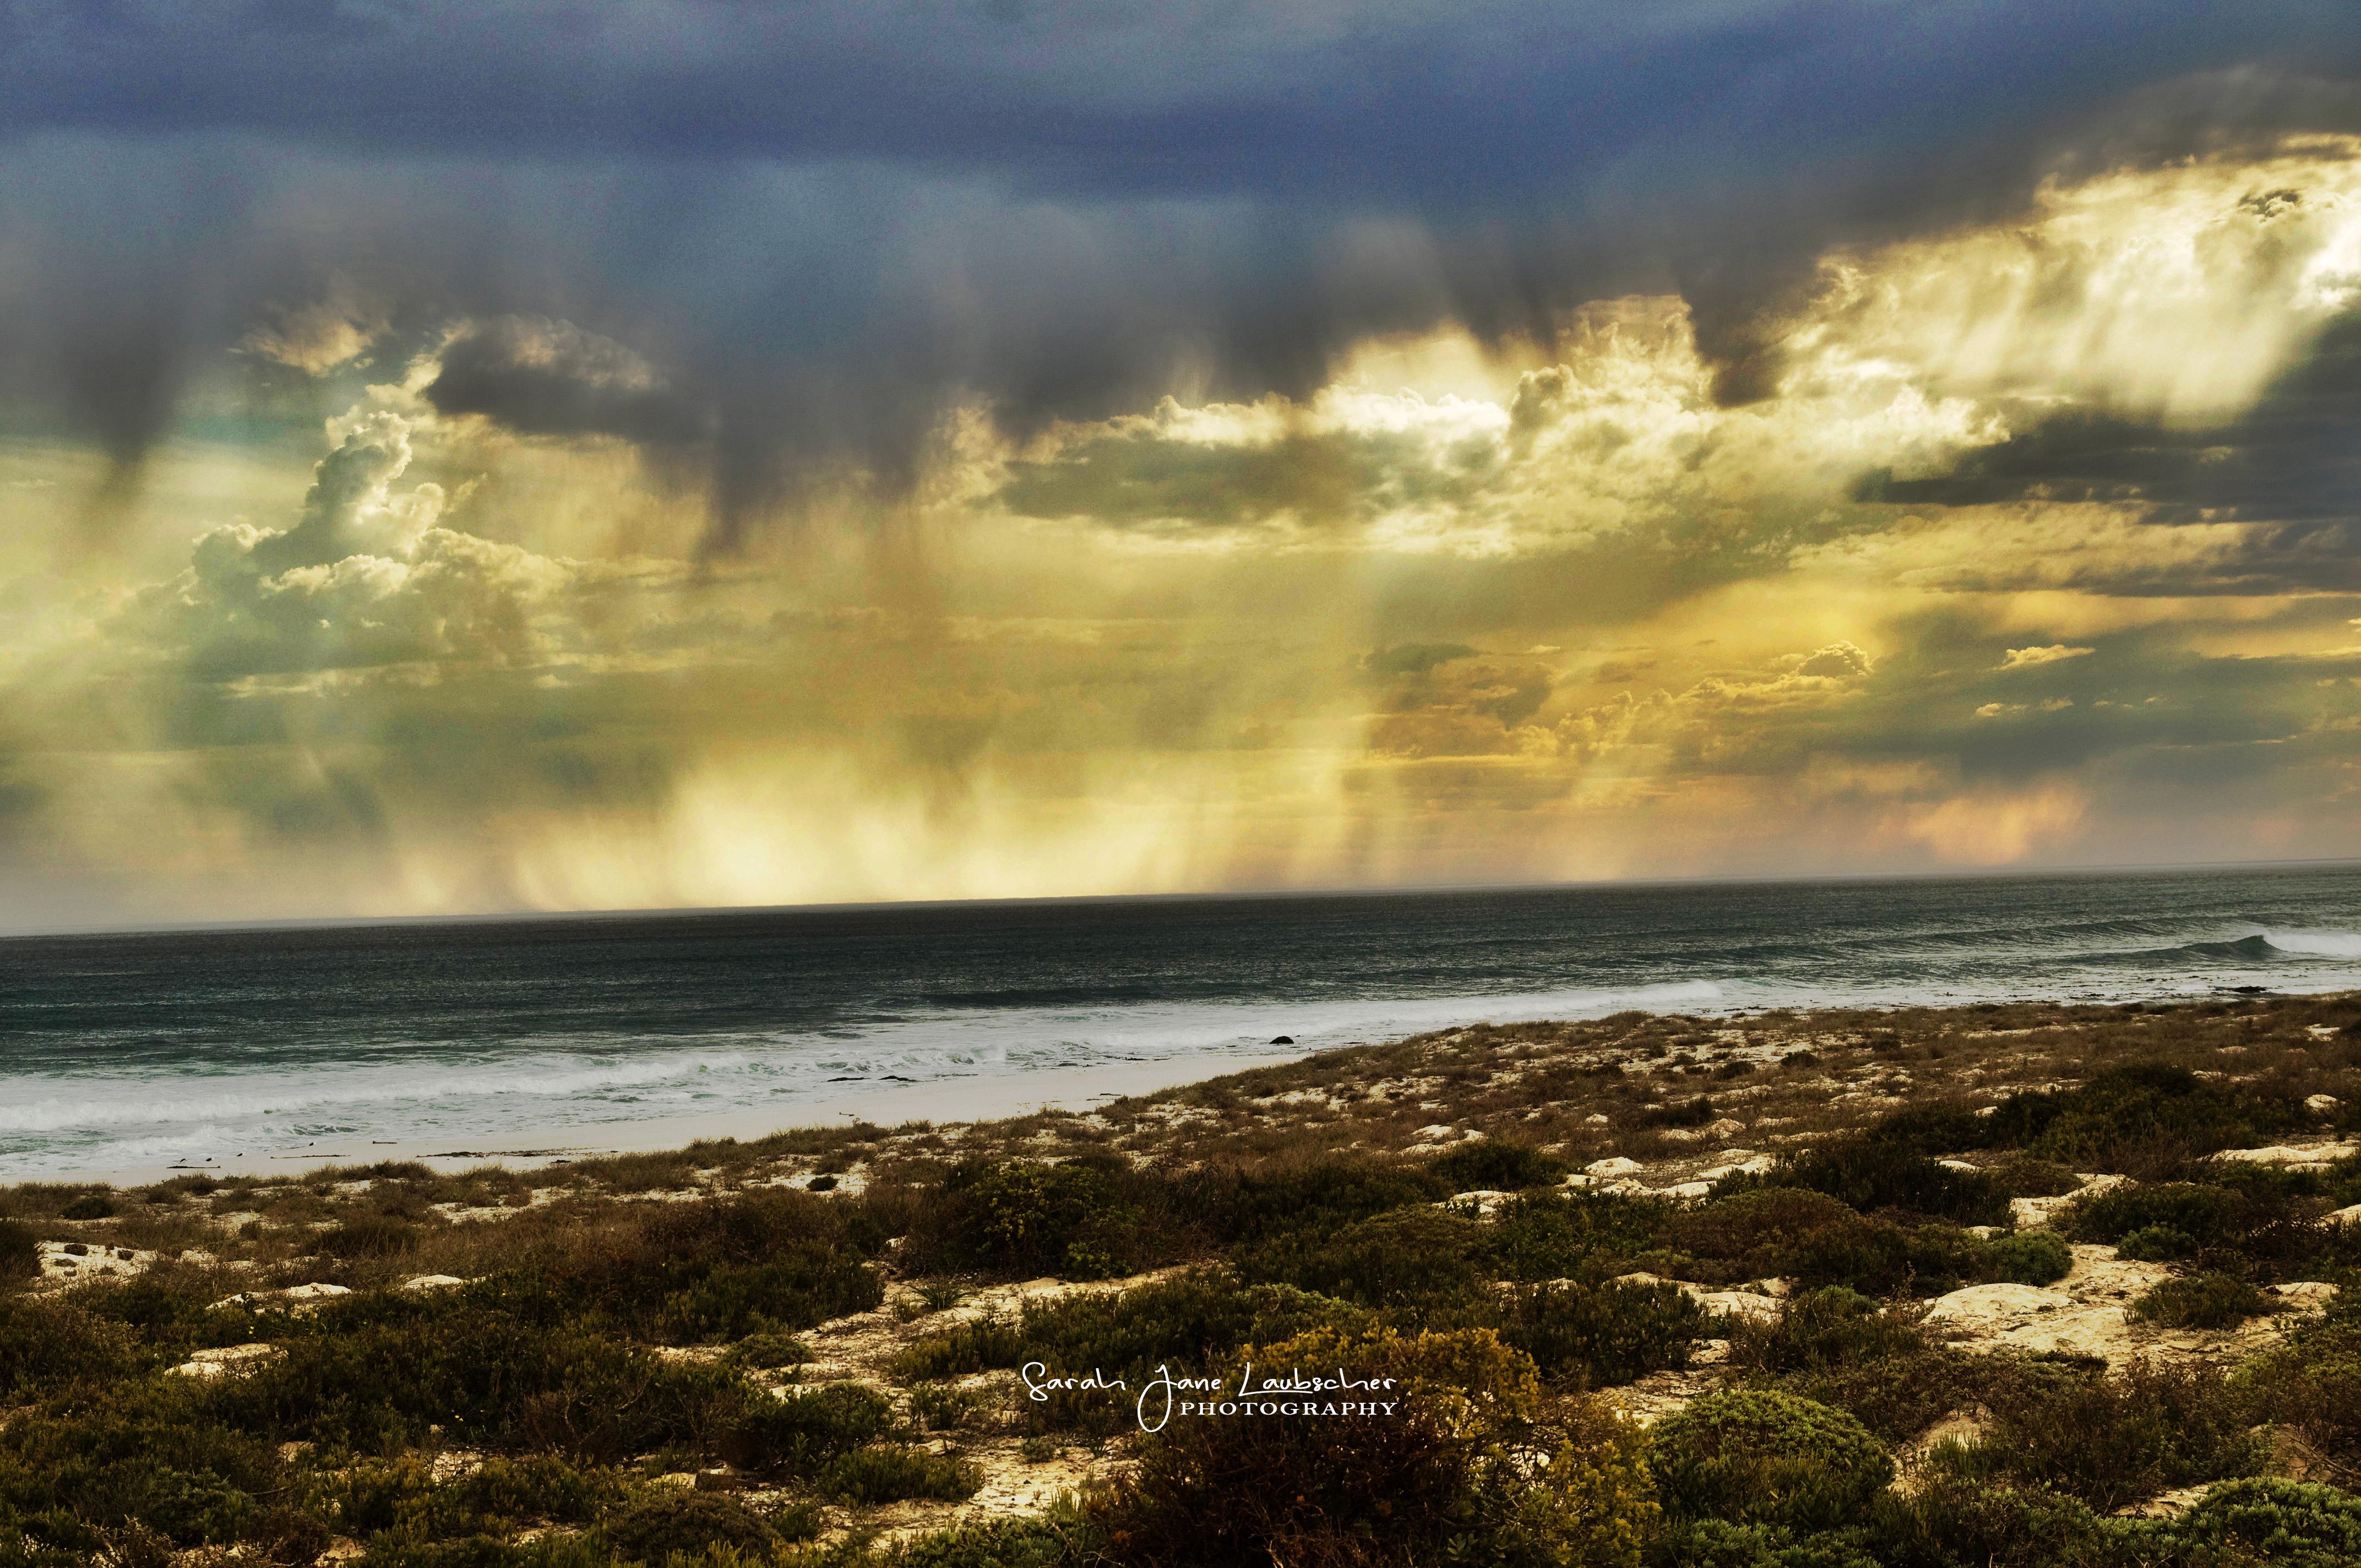 Storm at sea 1